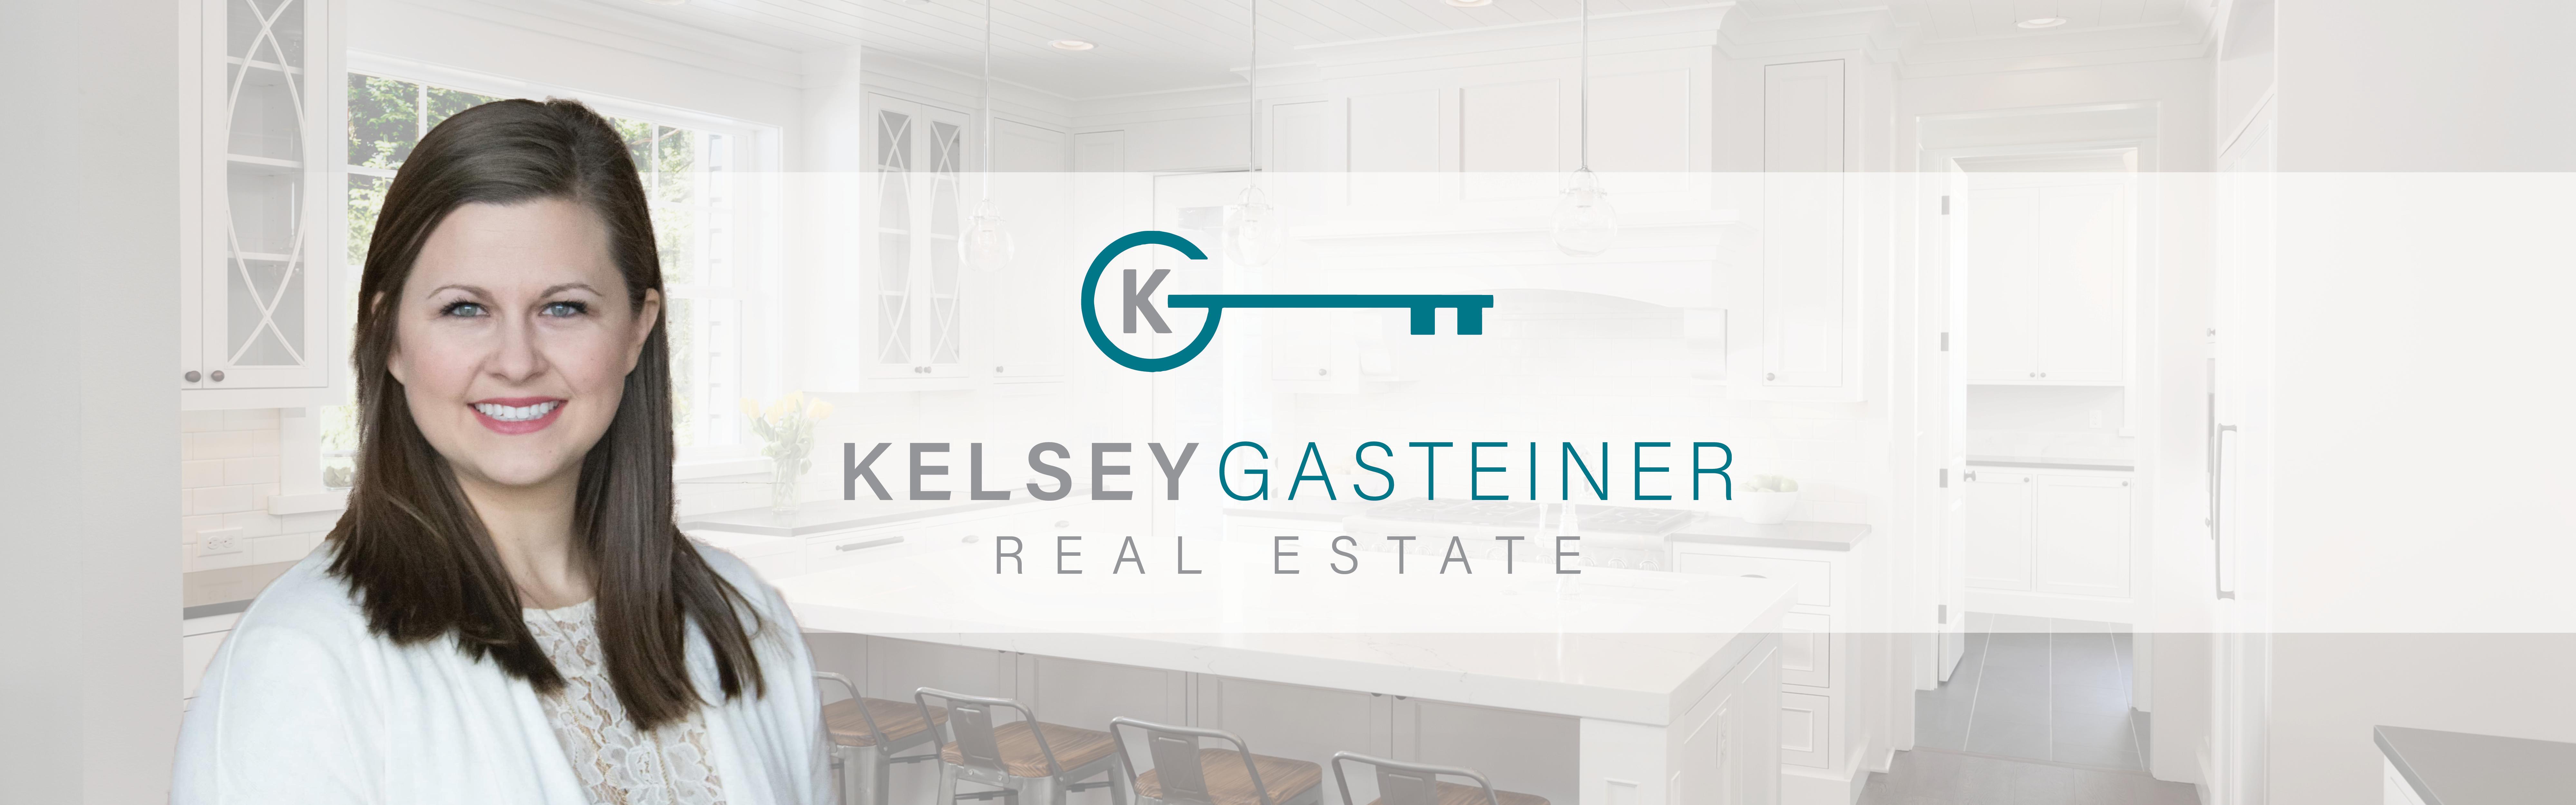 Kelsey Gasteiner